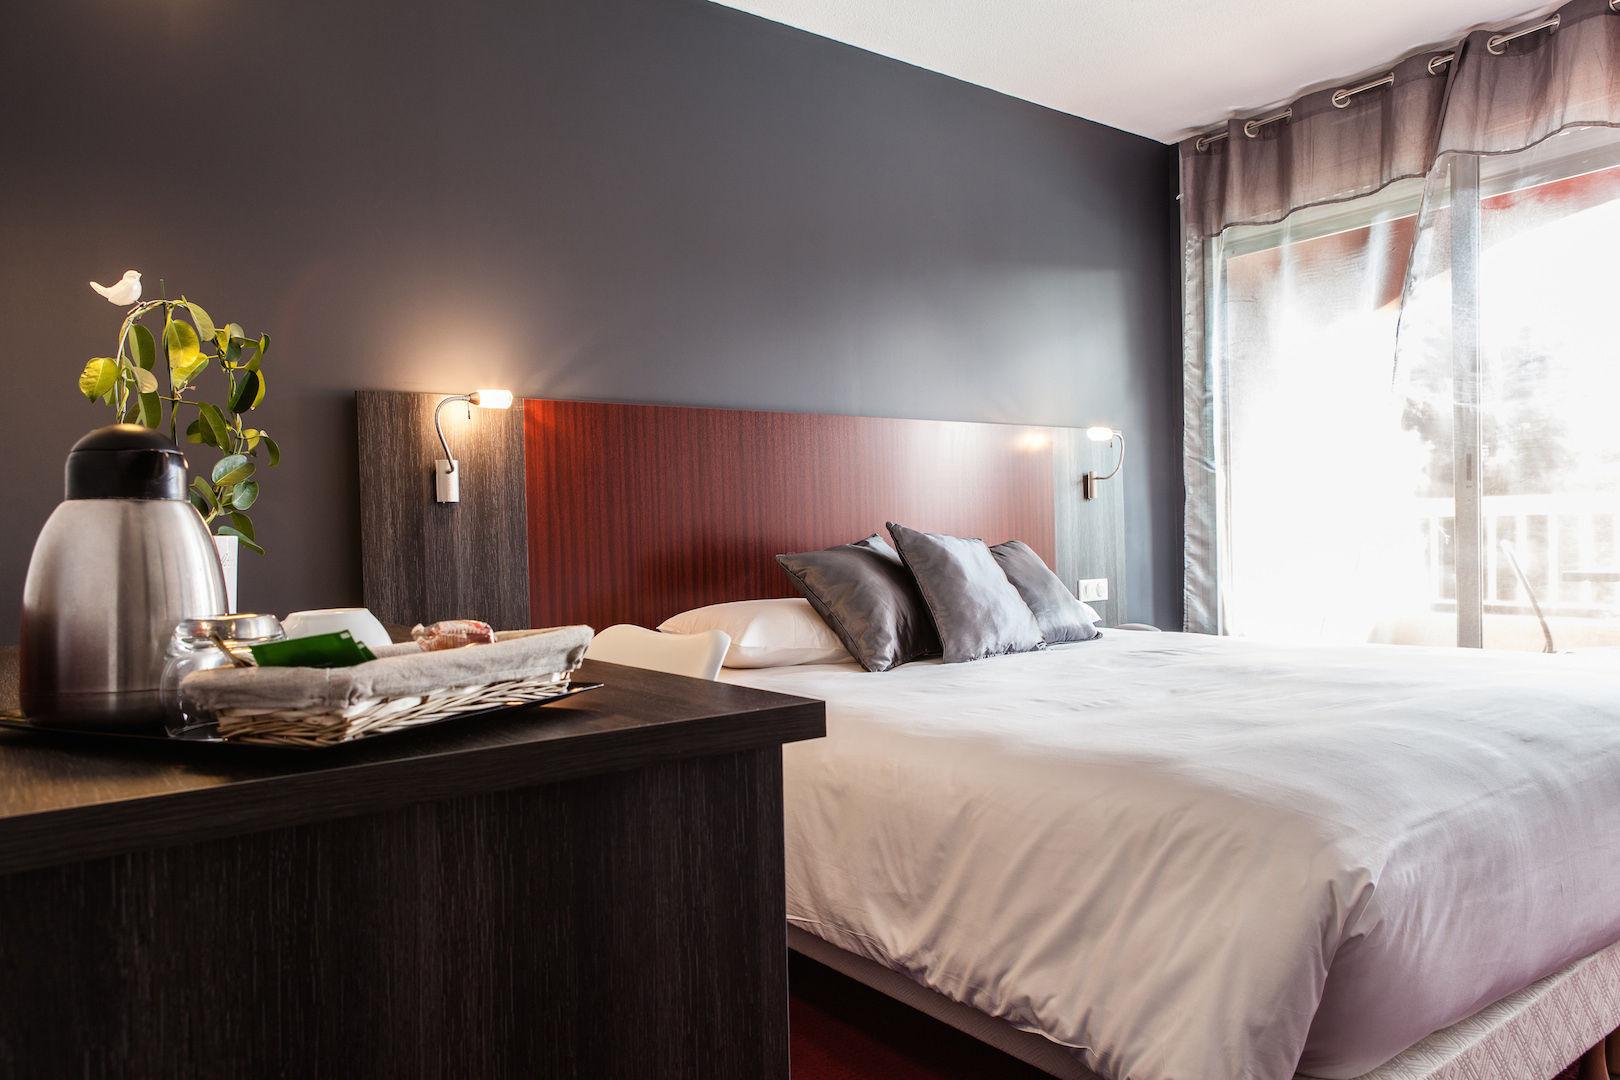 Chambre QUALYS-HOTEL Montpellier Sud Le Mas de Grille à ST JEAN DE VEDAS